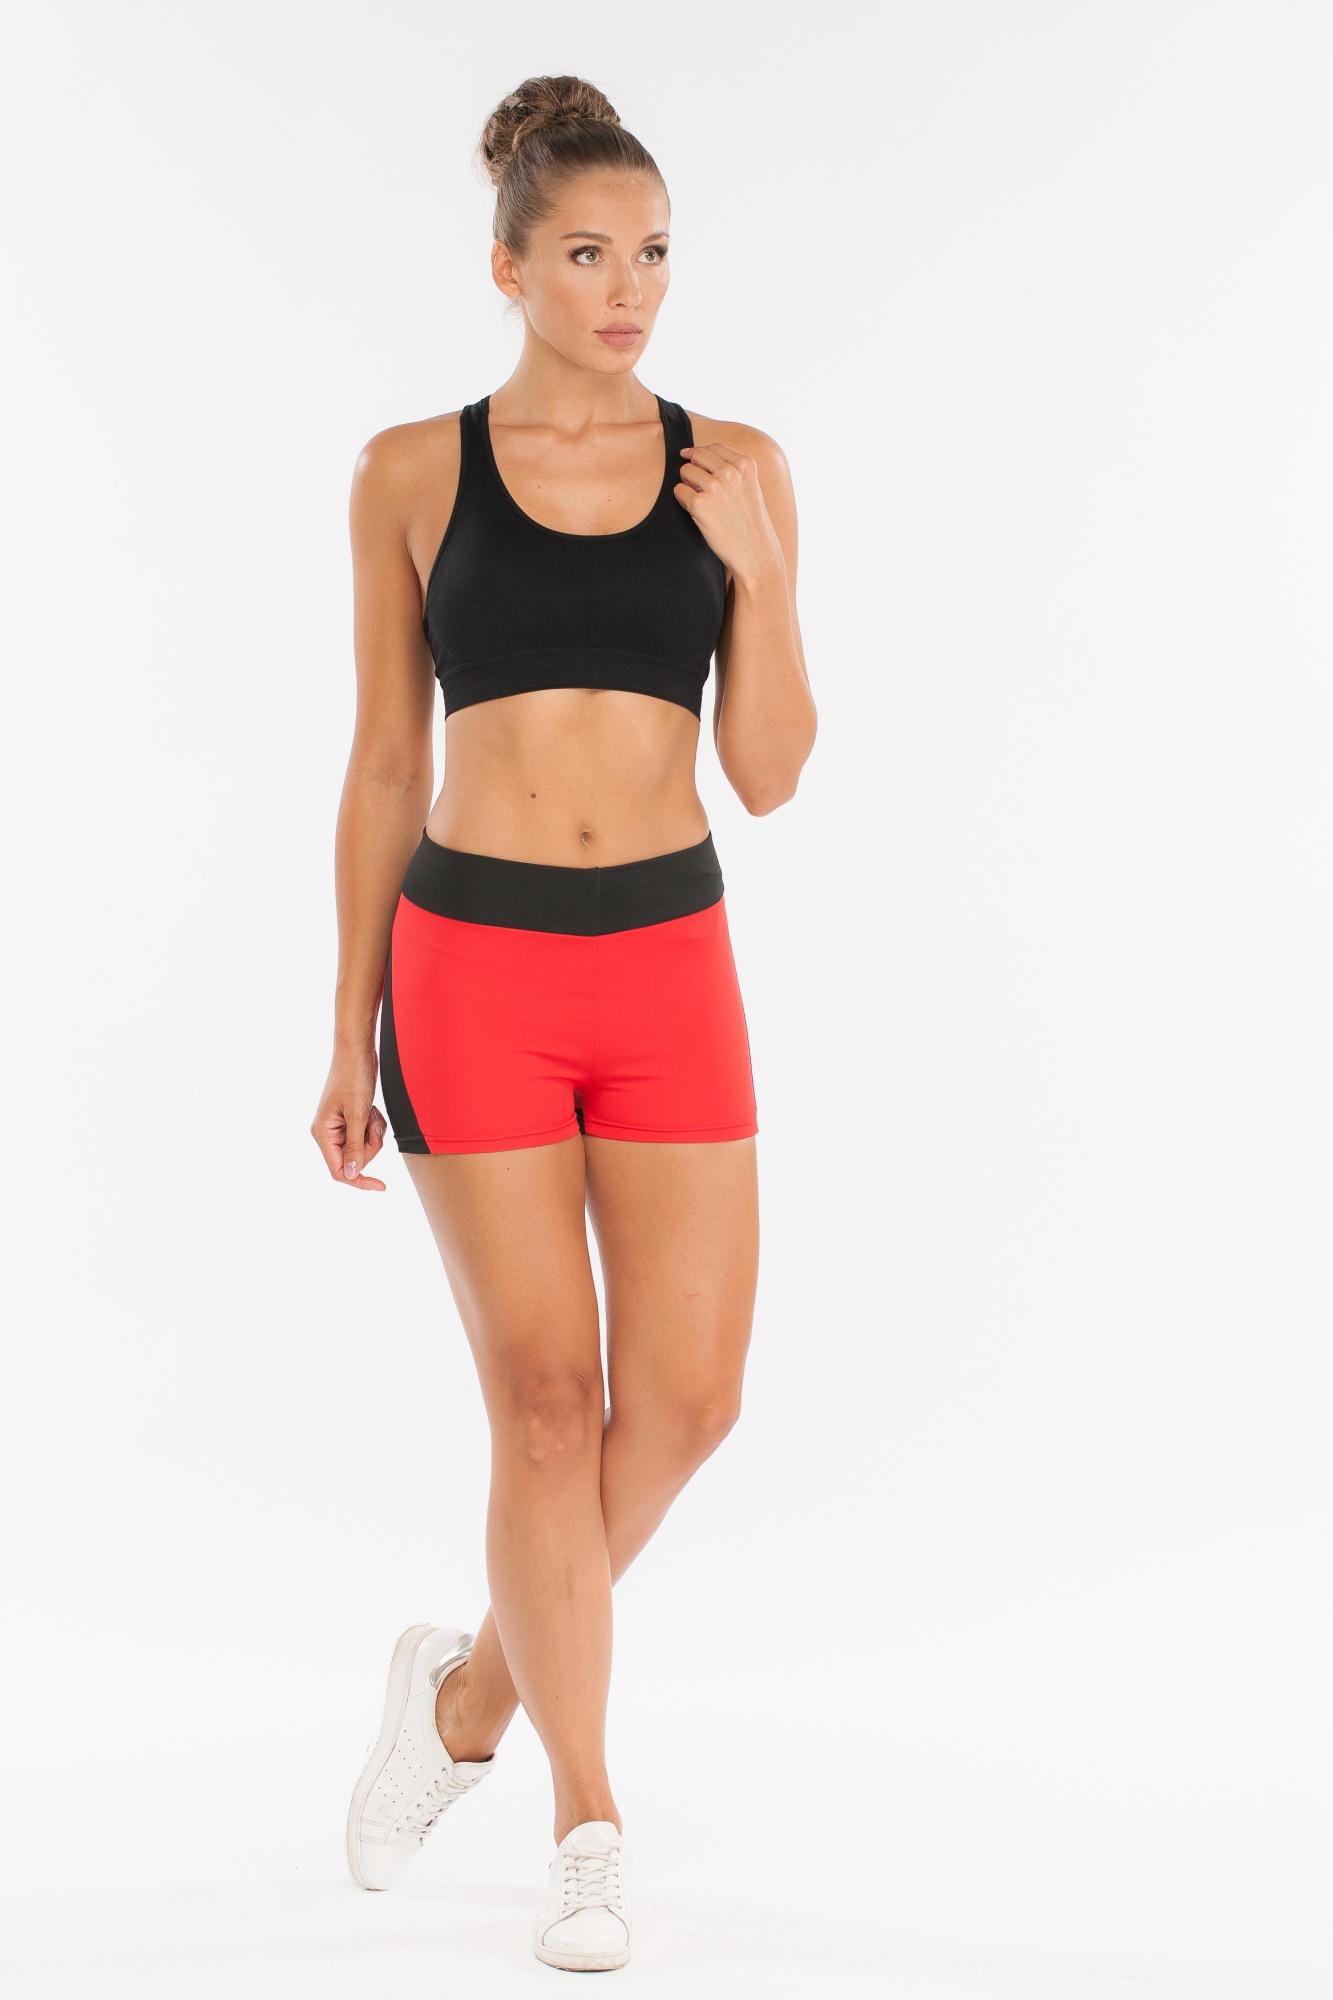 Шорты Morera95030 BLACK/RED (XL)Шорты спортивные для фитнеса, йоги, бега и других разных видов спорта.